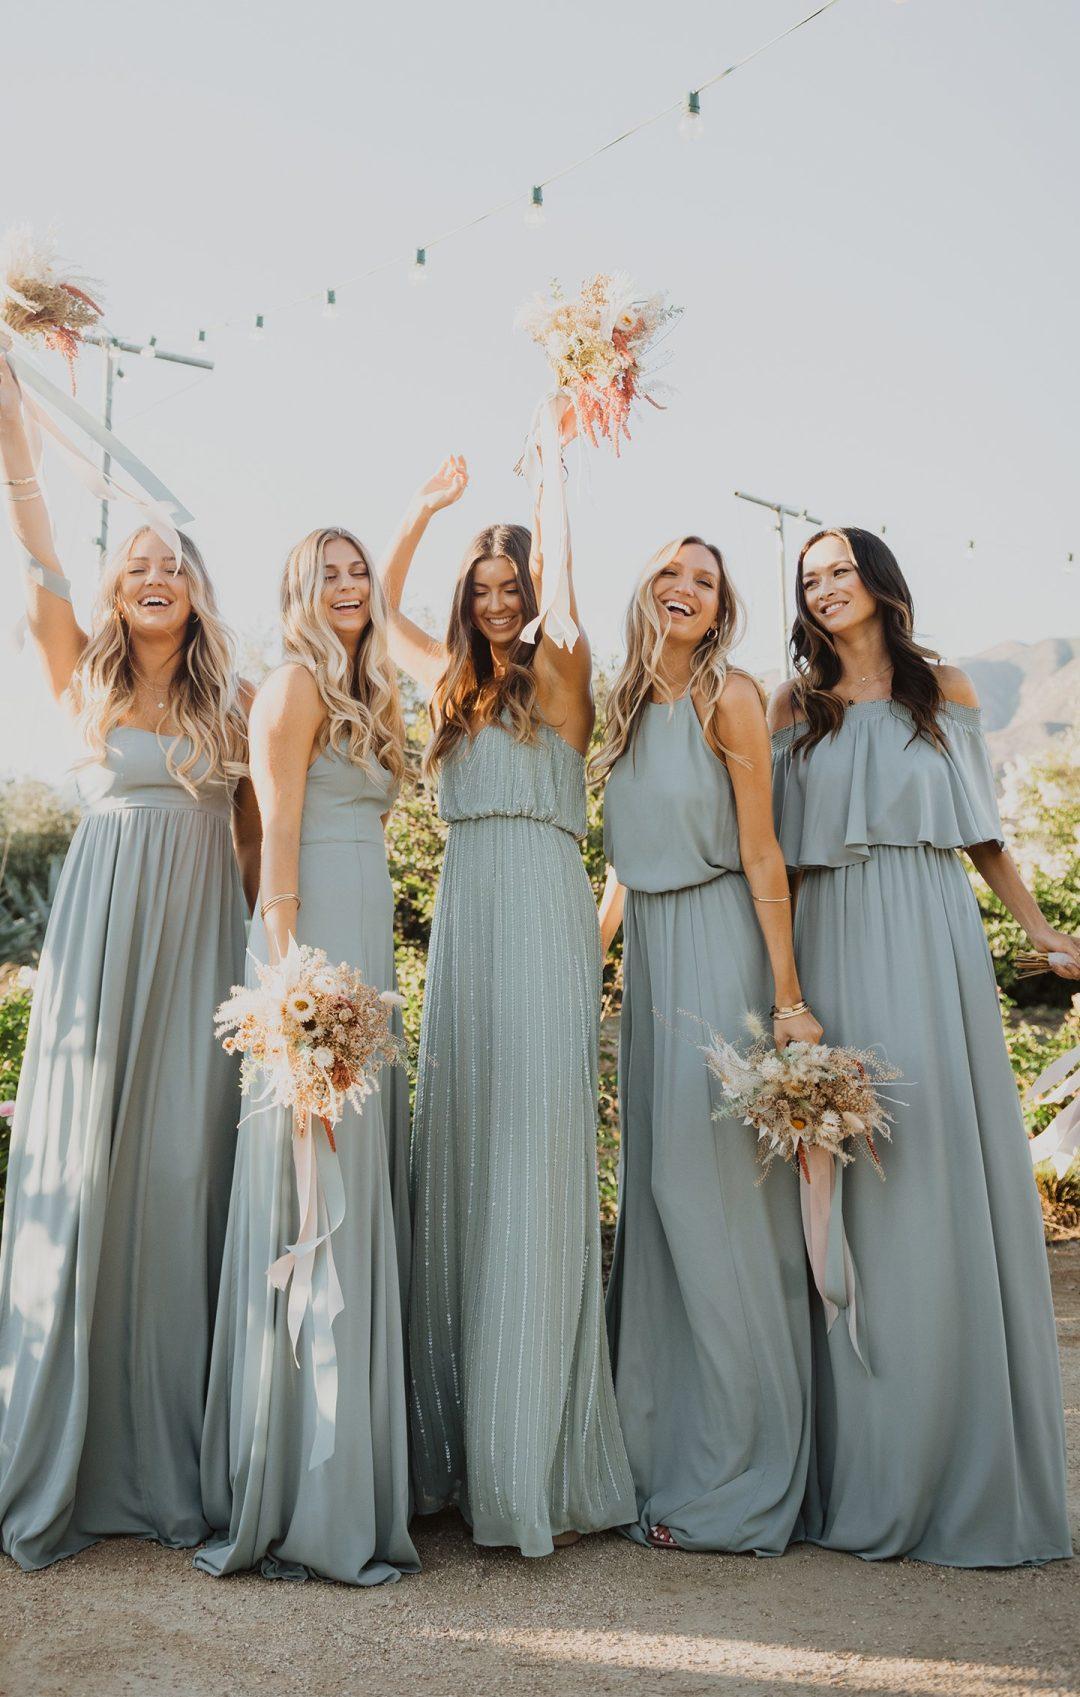 Dusty blue long mismatched bridesmaid dresses